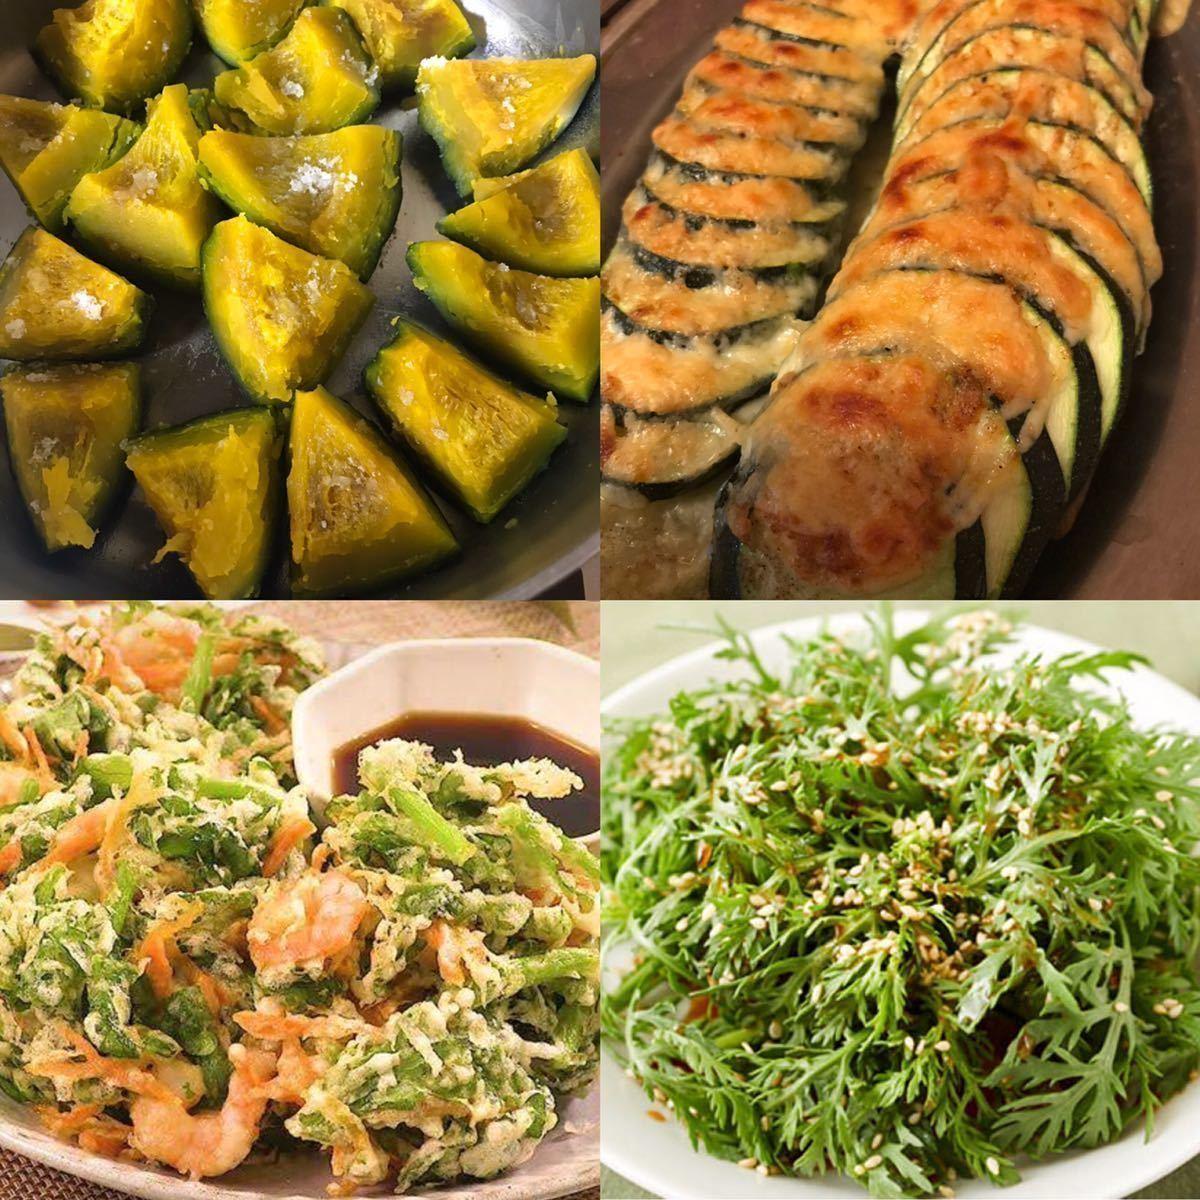 野菜 詰め合わせ 80サイズ お楽しみボックス_画像4